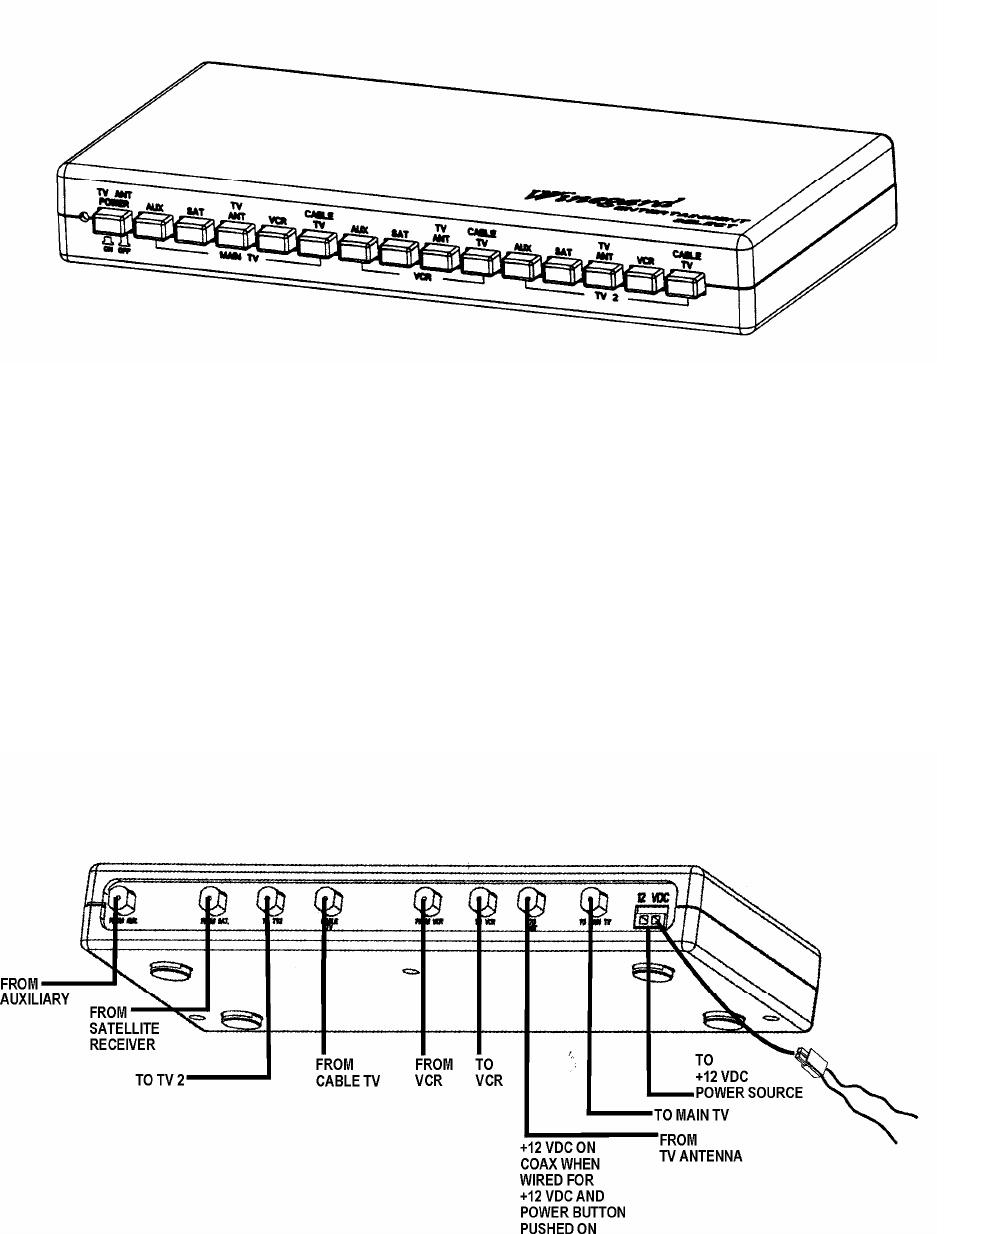 Winegard VS-0503, VS-5312 manual